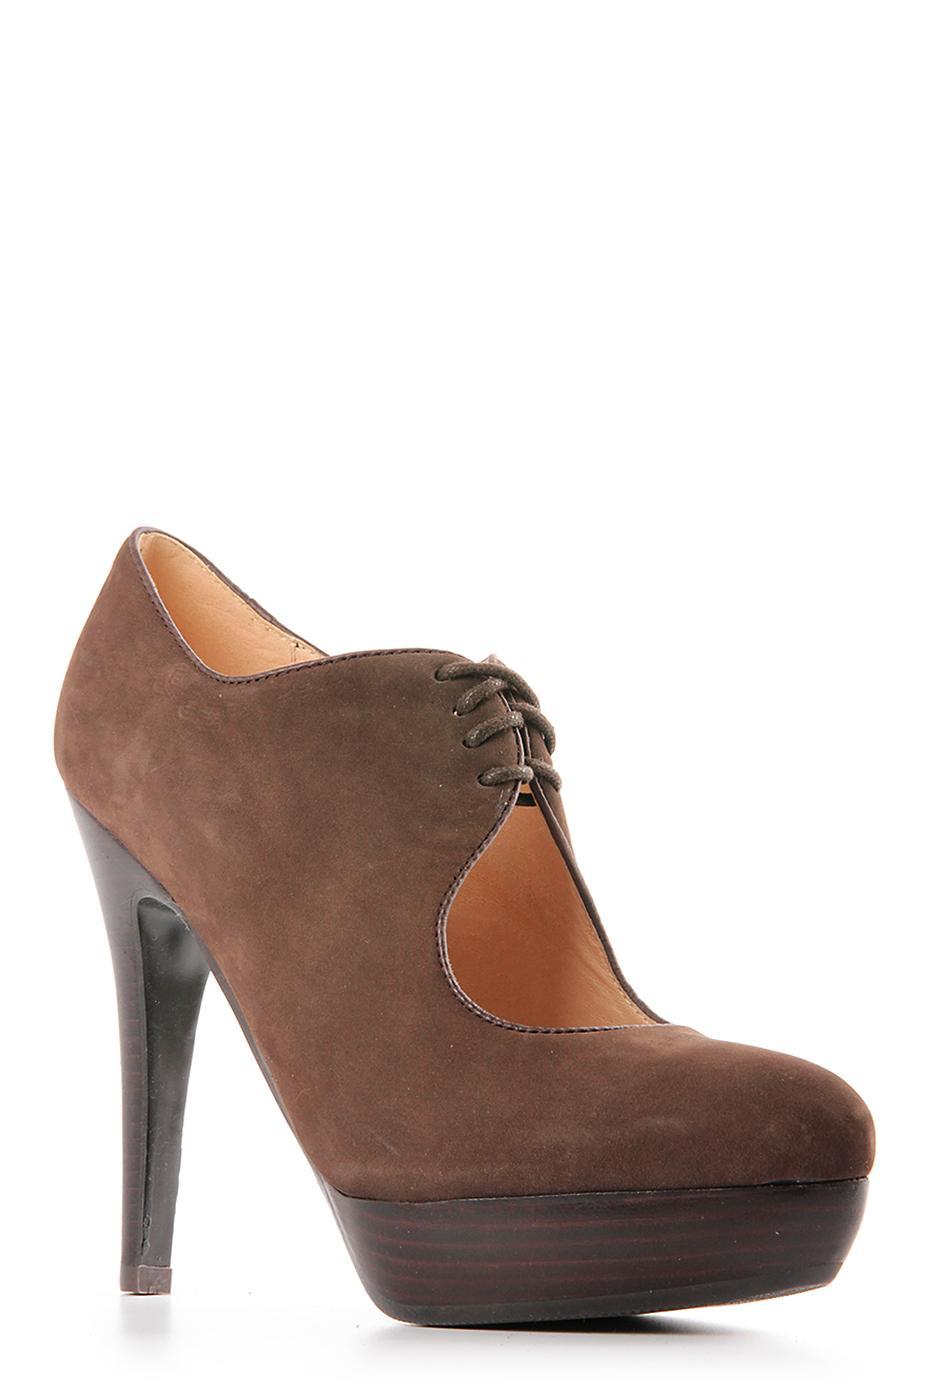 Модная Обувь Torrini (Торрини) Рейтинги Бренда и